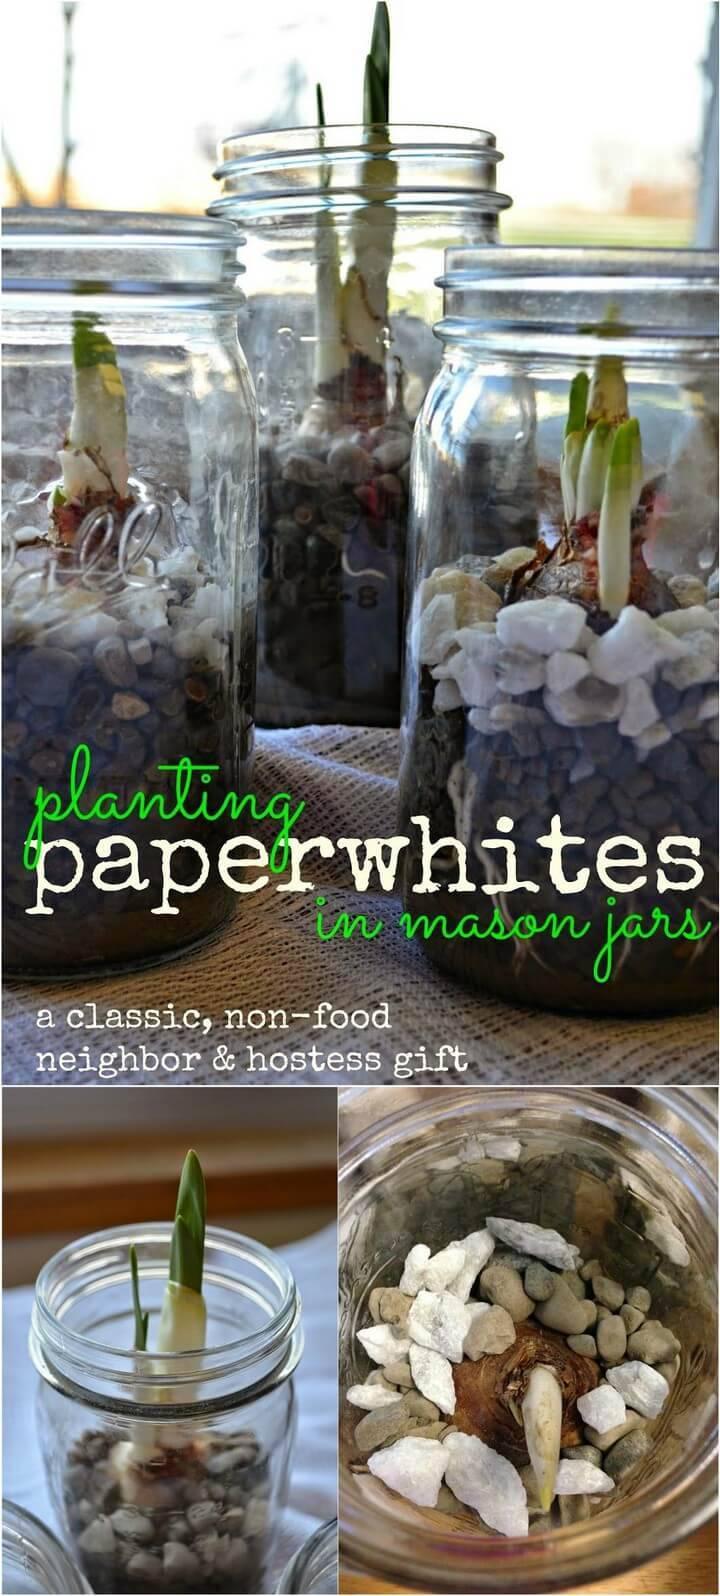 DIY Paperwhites Mason Jar Planter Gifts